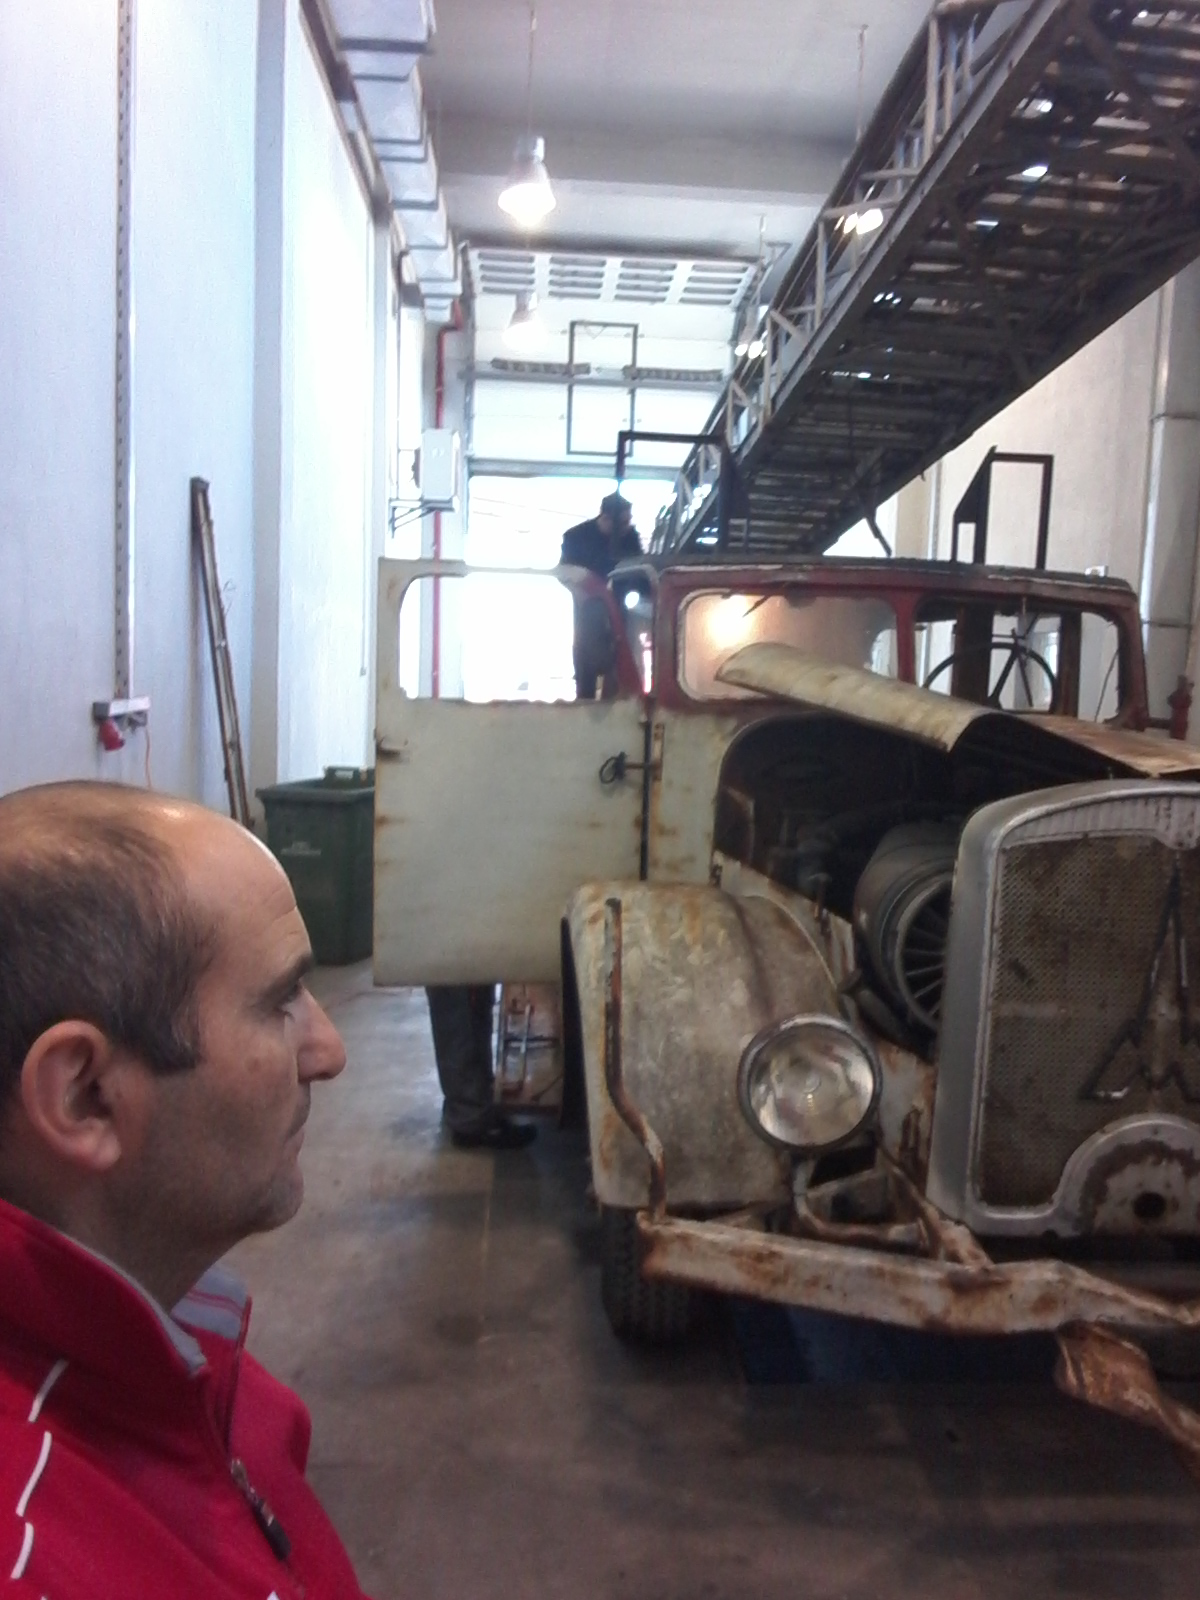 3 1 H συγκλονιστική ιστορία του ΠΣ57 που πήρε μπρος μετά από 80 χρόνια barn find, video, videos, zblog, βίντεο, Πυροσβεστικό Σώμα, ΦΩΤΟ, φωτογραφίες